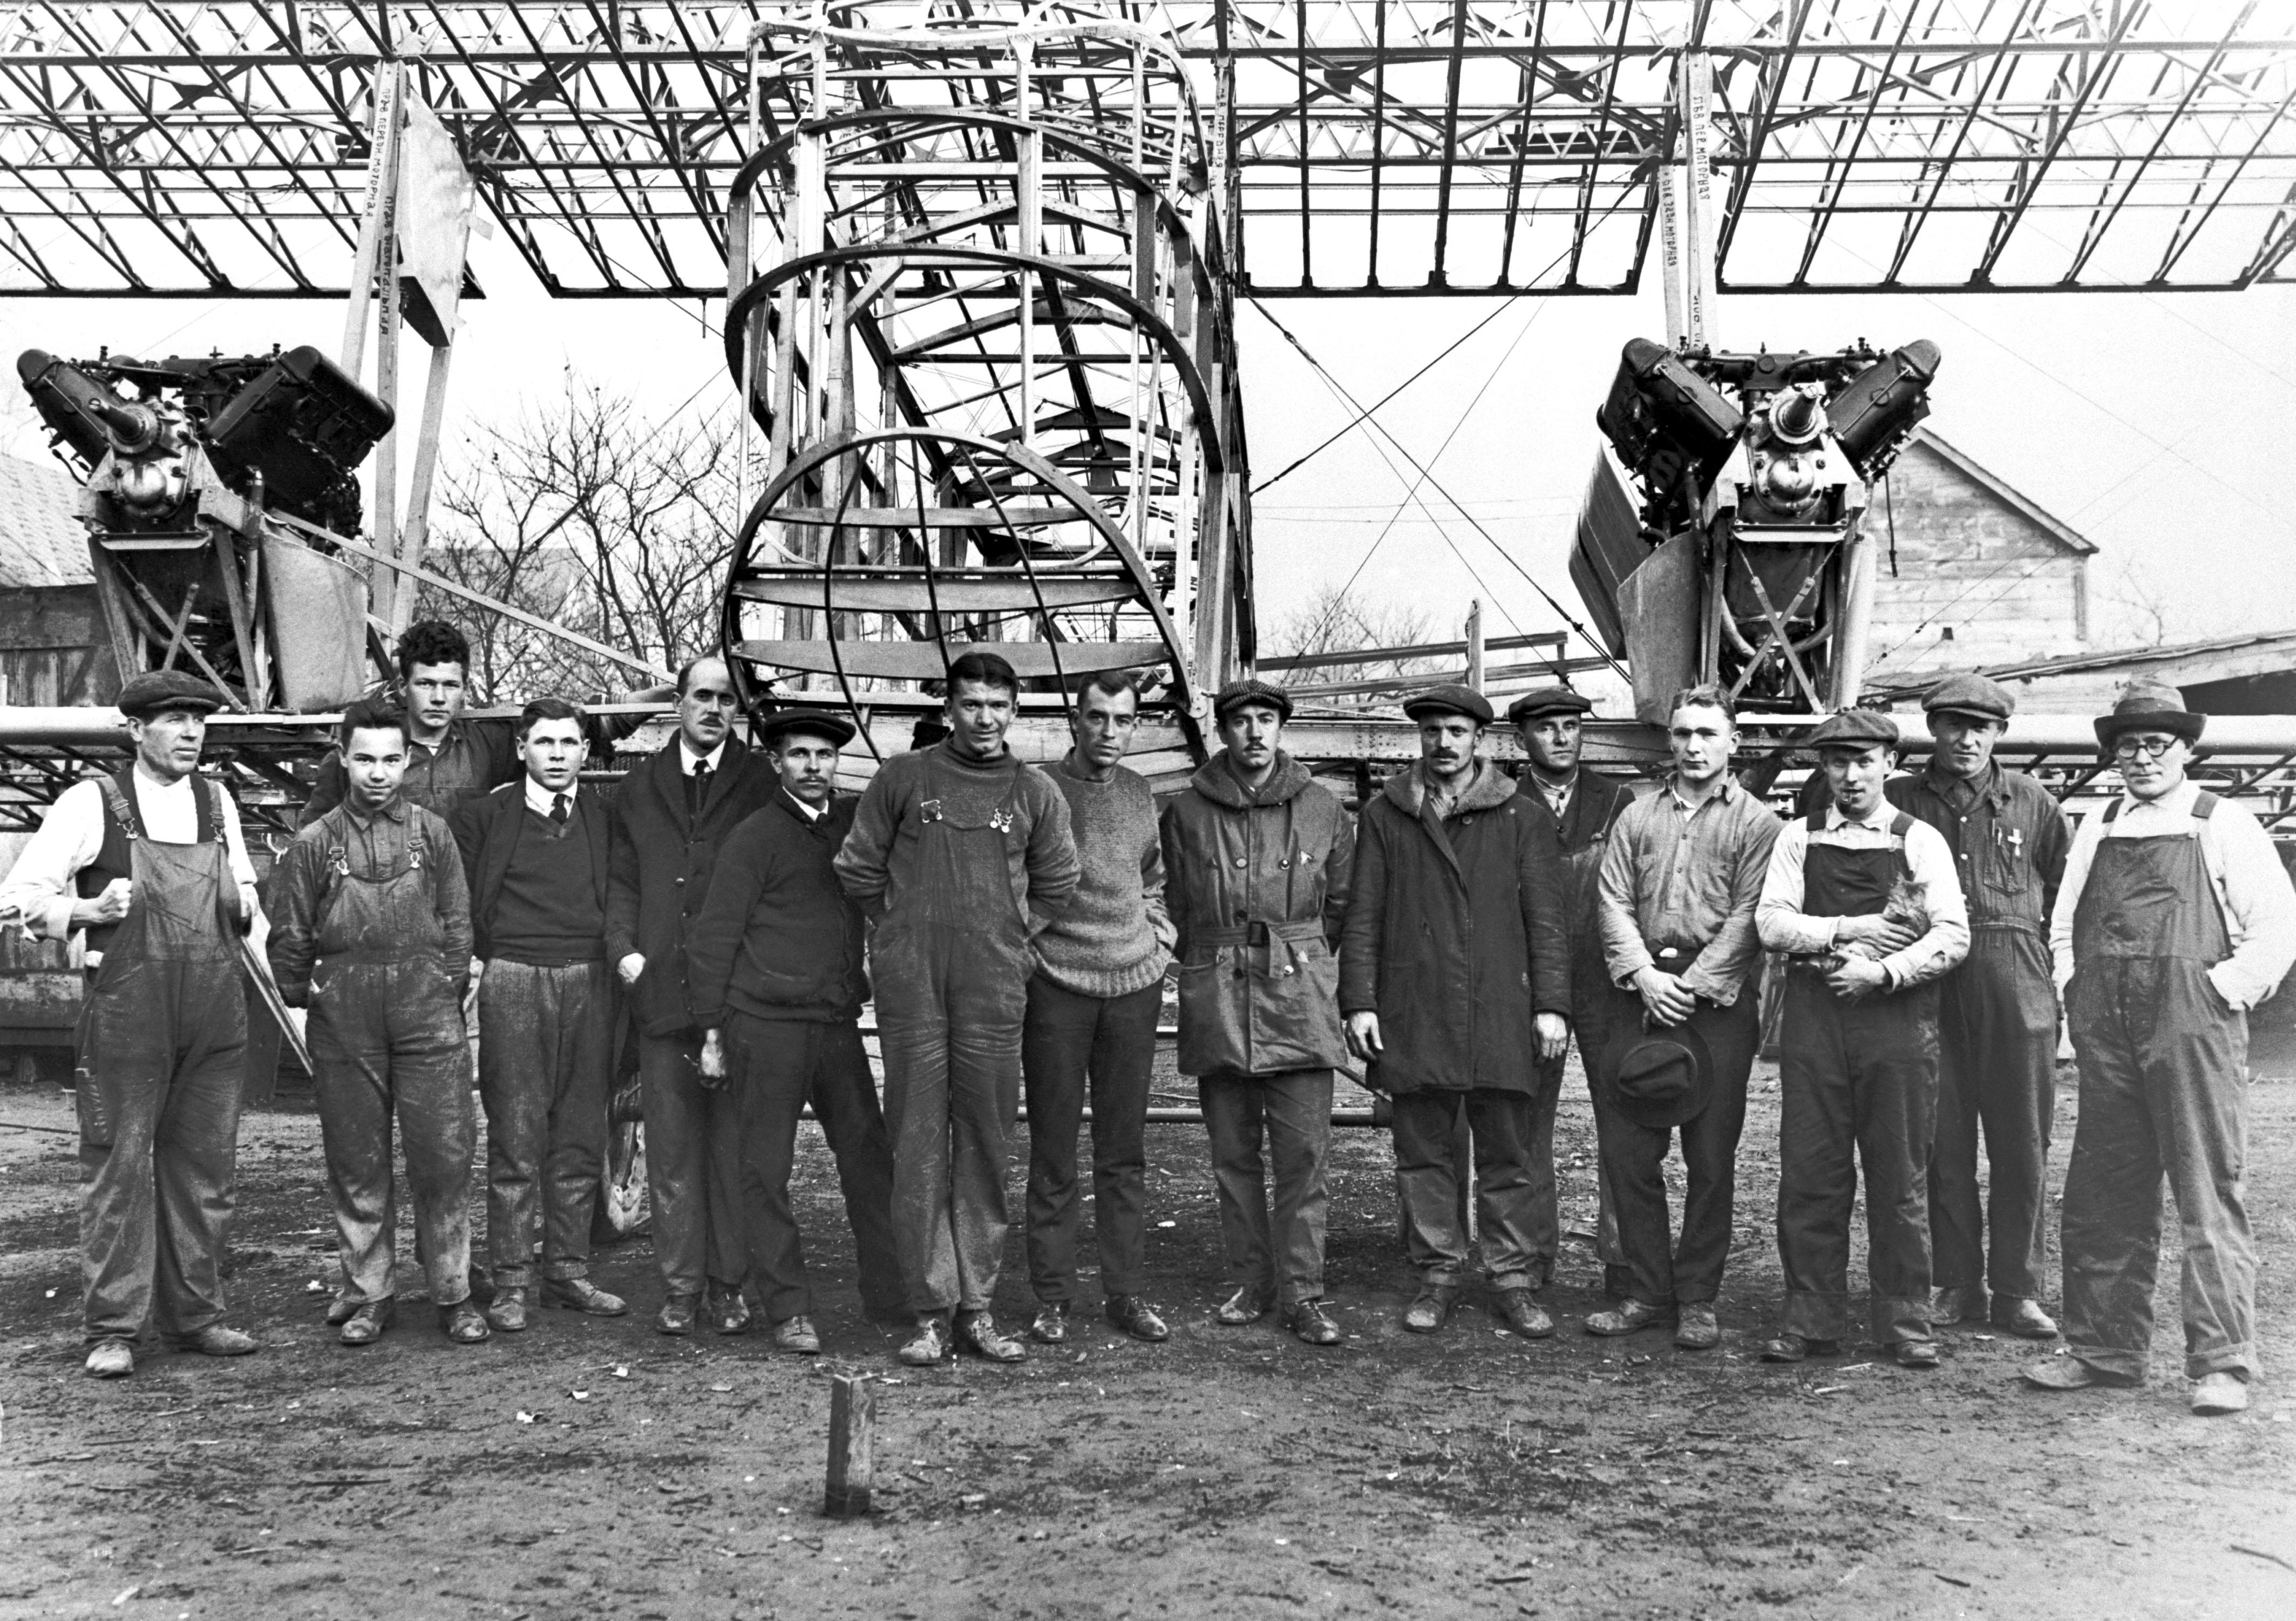 Игорь Сикорский с командой у модели летательного аппарата S-29. Фото из личного архива Сергея Сикорского